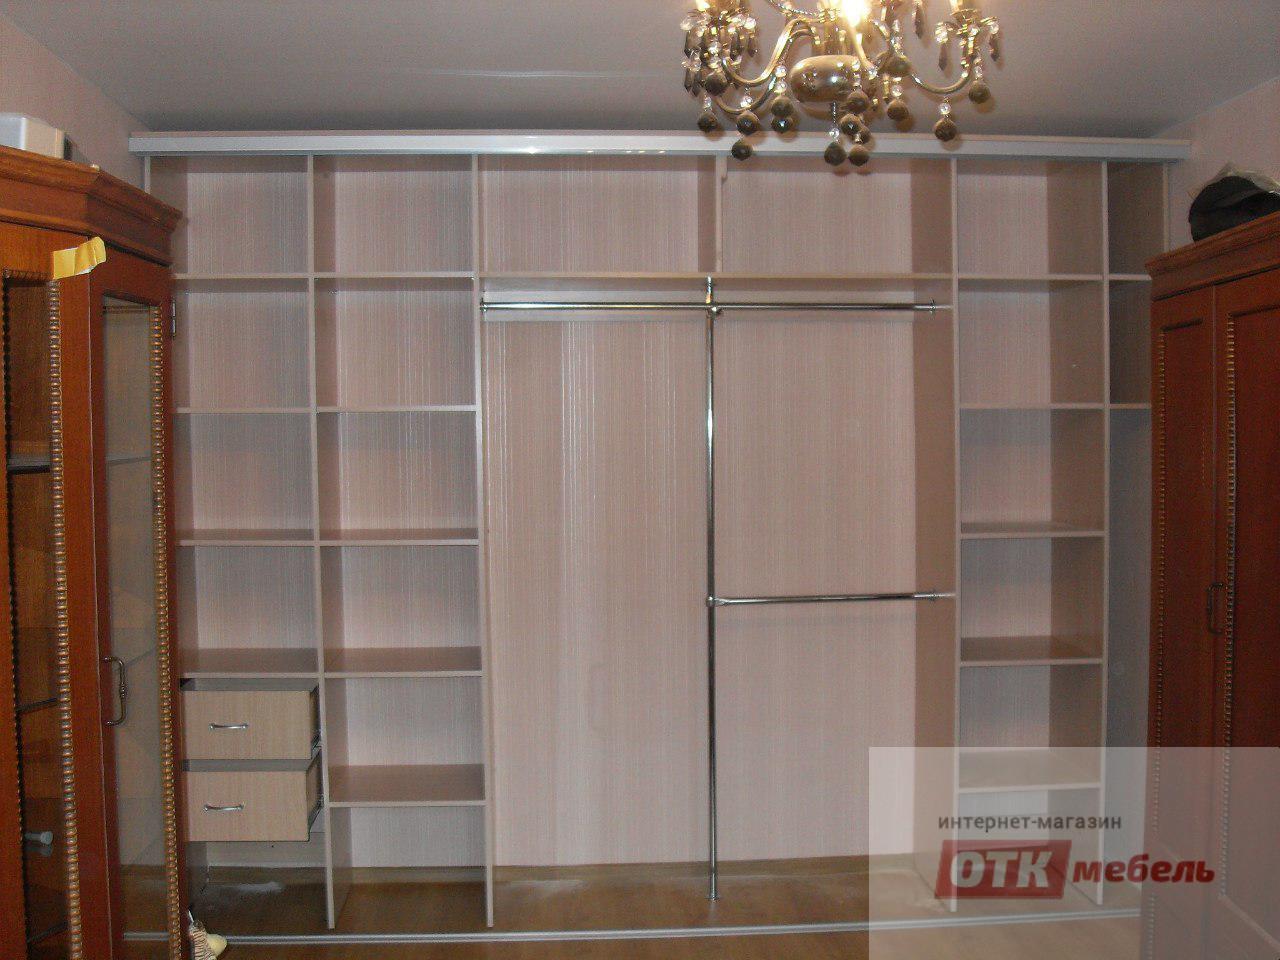 Встроенные шкафы купе купить шкаф-купе, кухню, горку,секцию,.